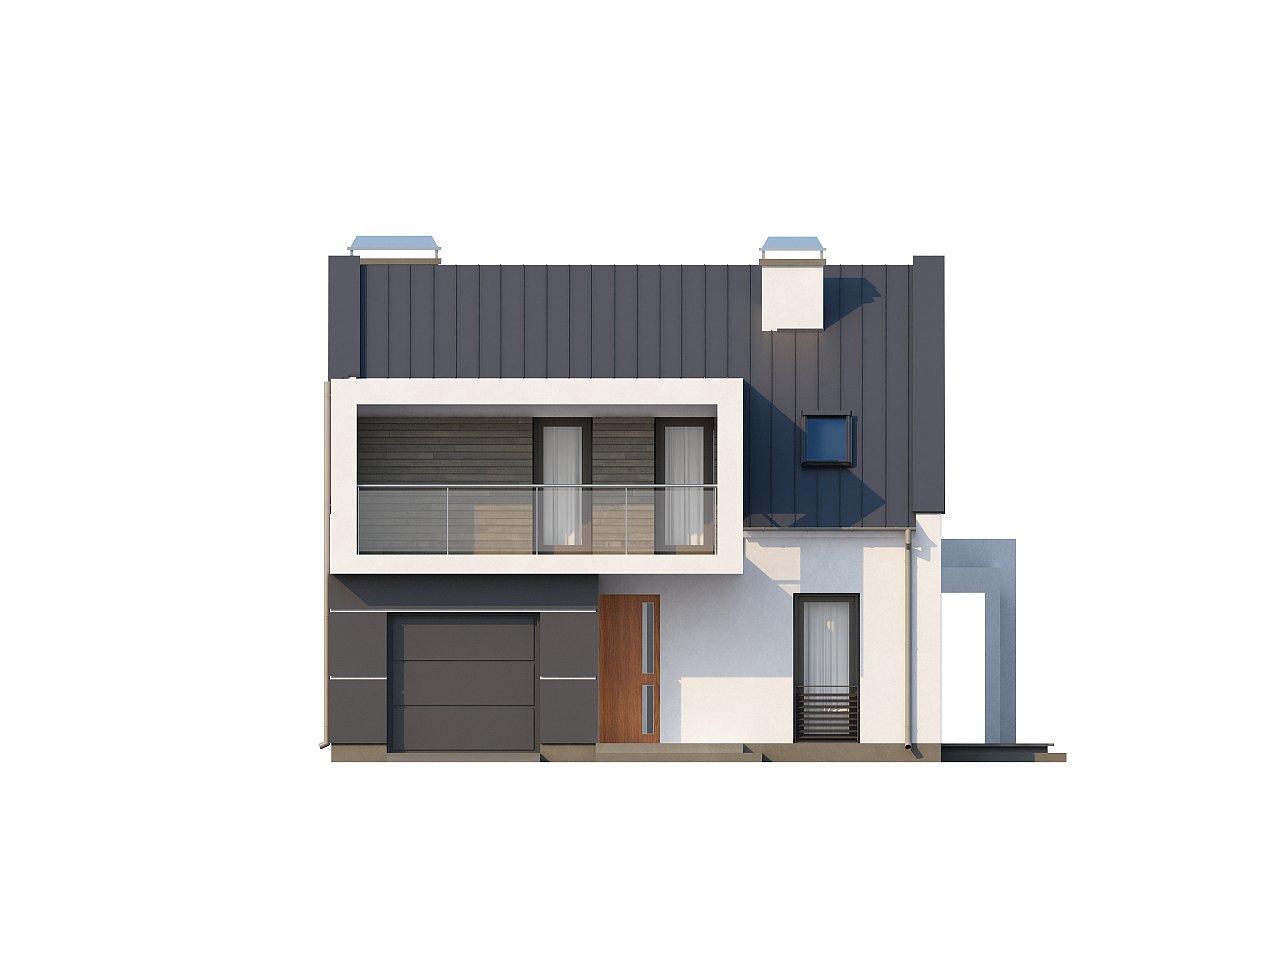 Современный дом с уютным и функциональным интерьером. Интересное сочетание двускатной крыши и кубических форм. - фото 22